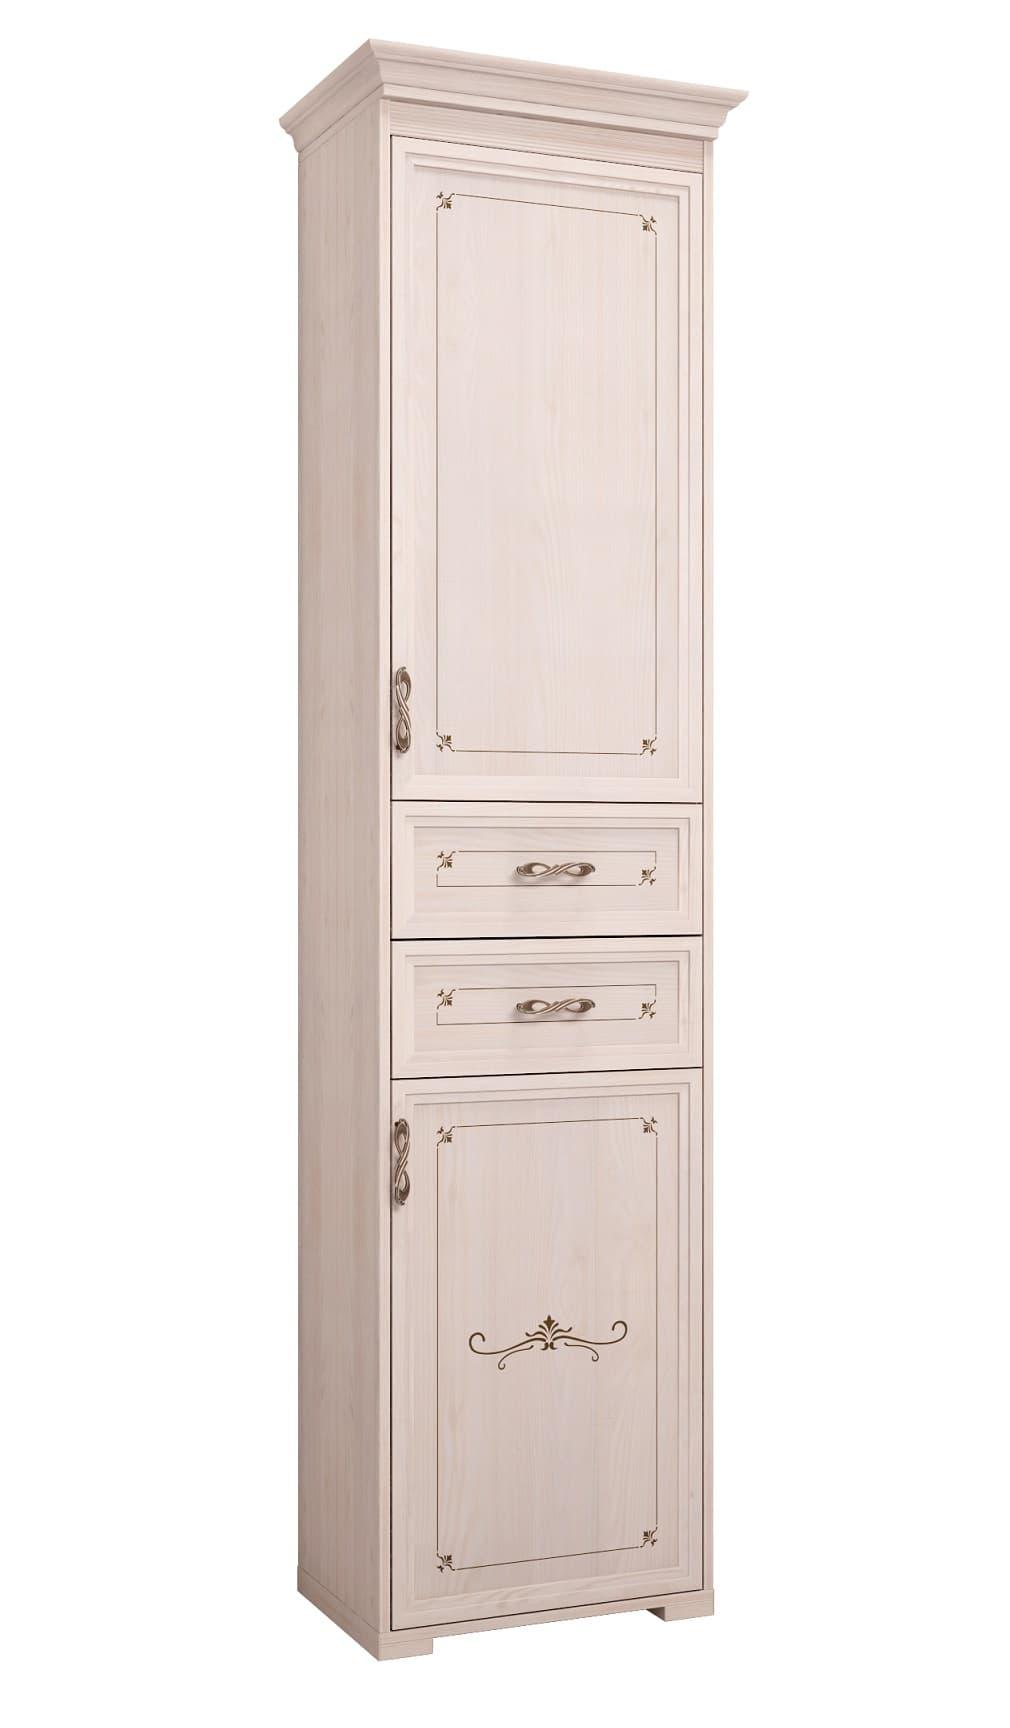 Шкаф комбинированный Афродита 28 ПРАВЫЙ (без карниза)